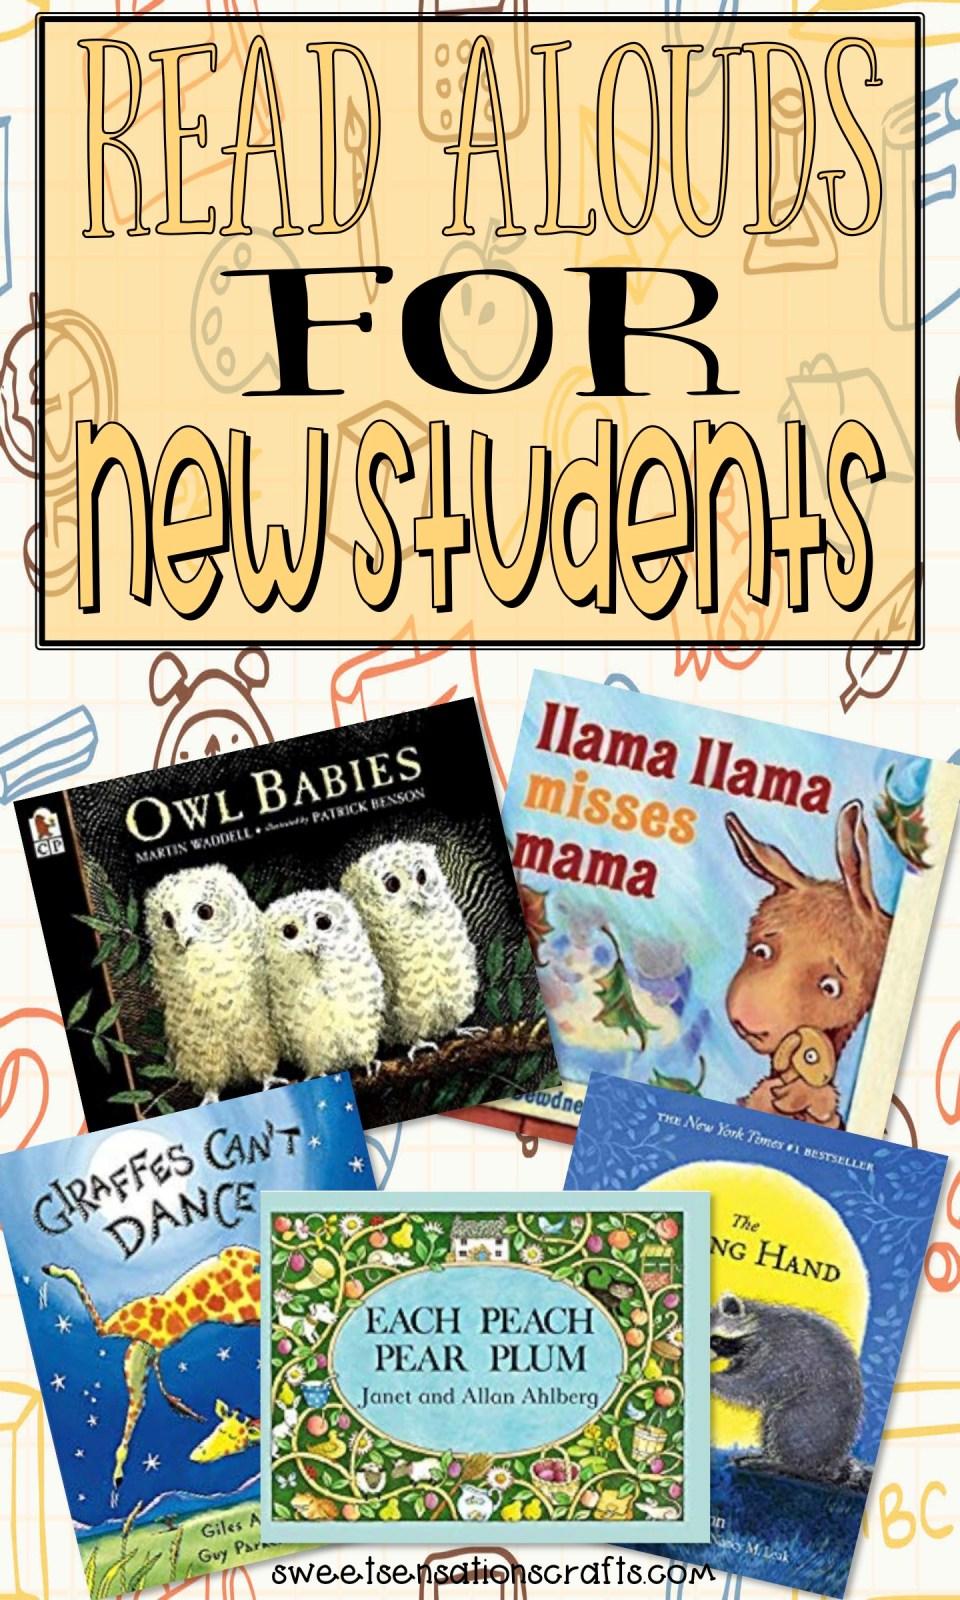 Read alouds for beginning kindergarten